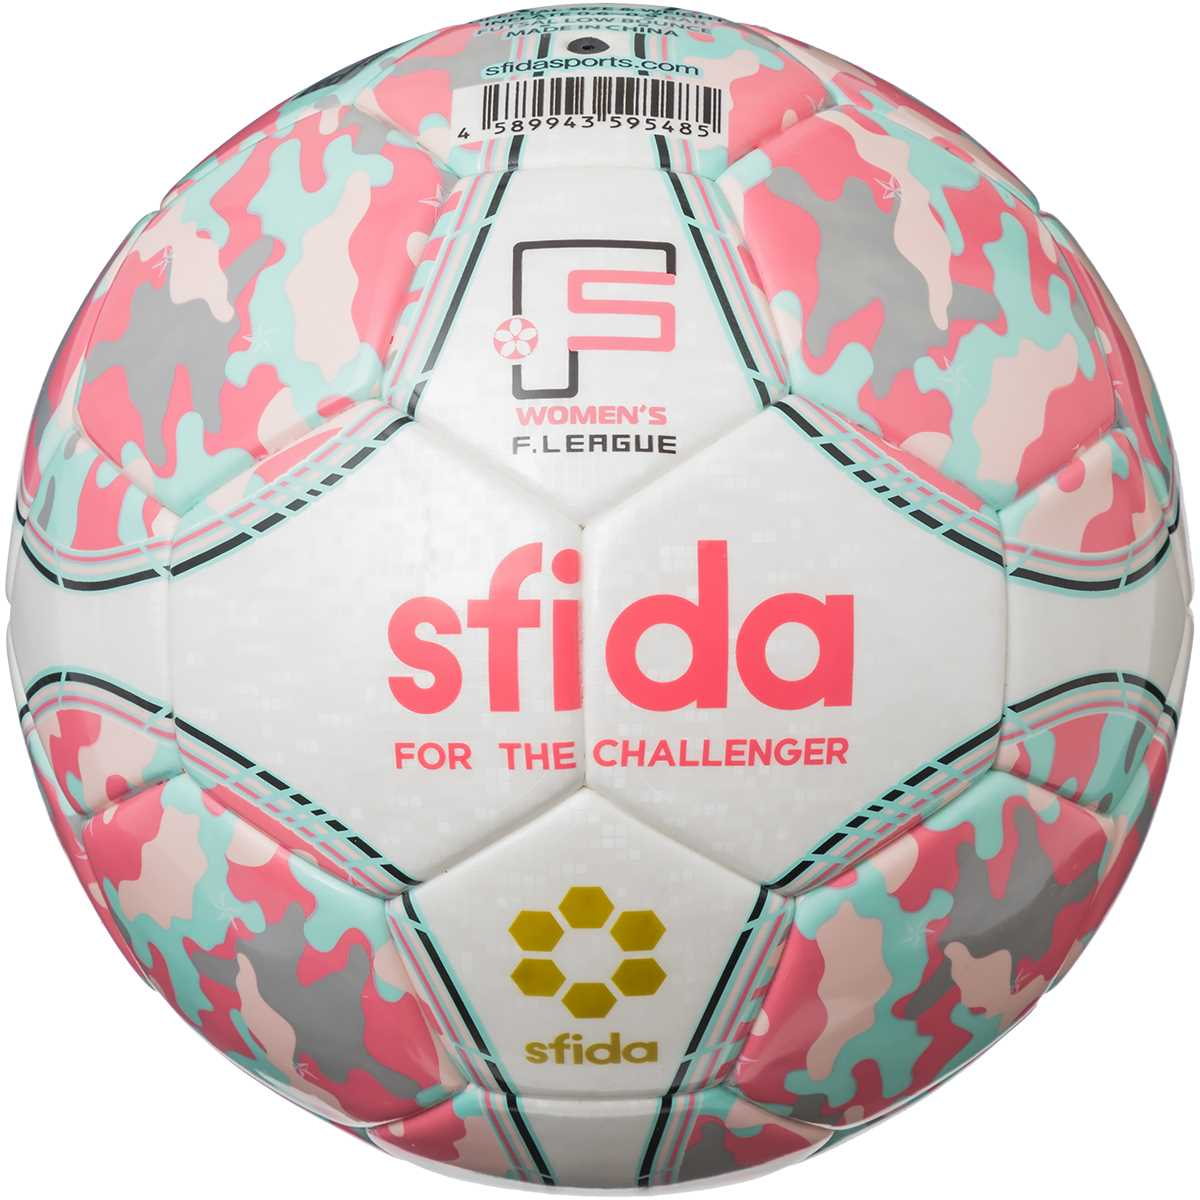 【日本女子フットサルリーグ公式試合球】 INFINITO NEO PRO ピンク/サックス